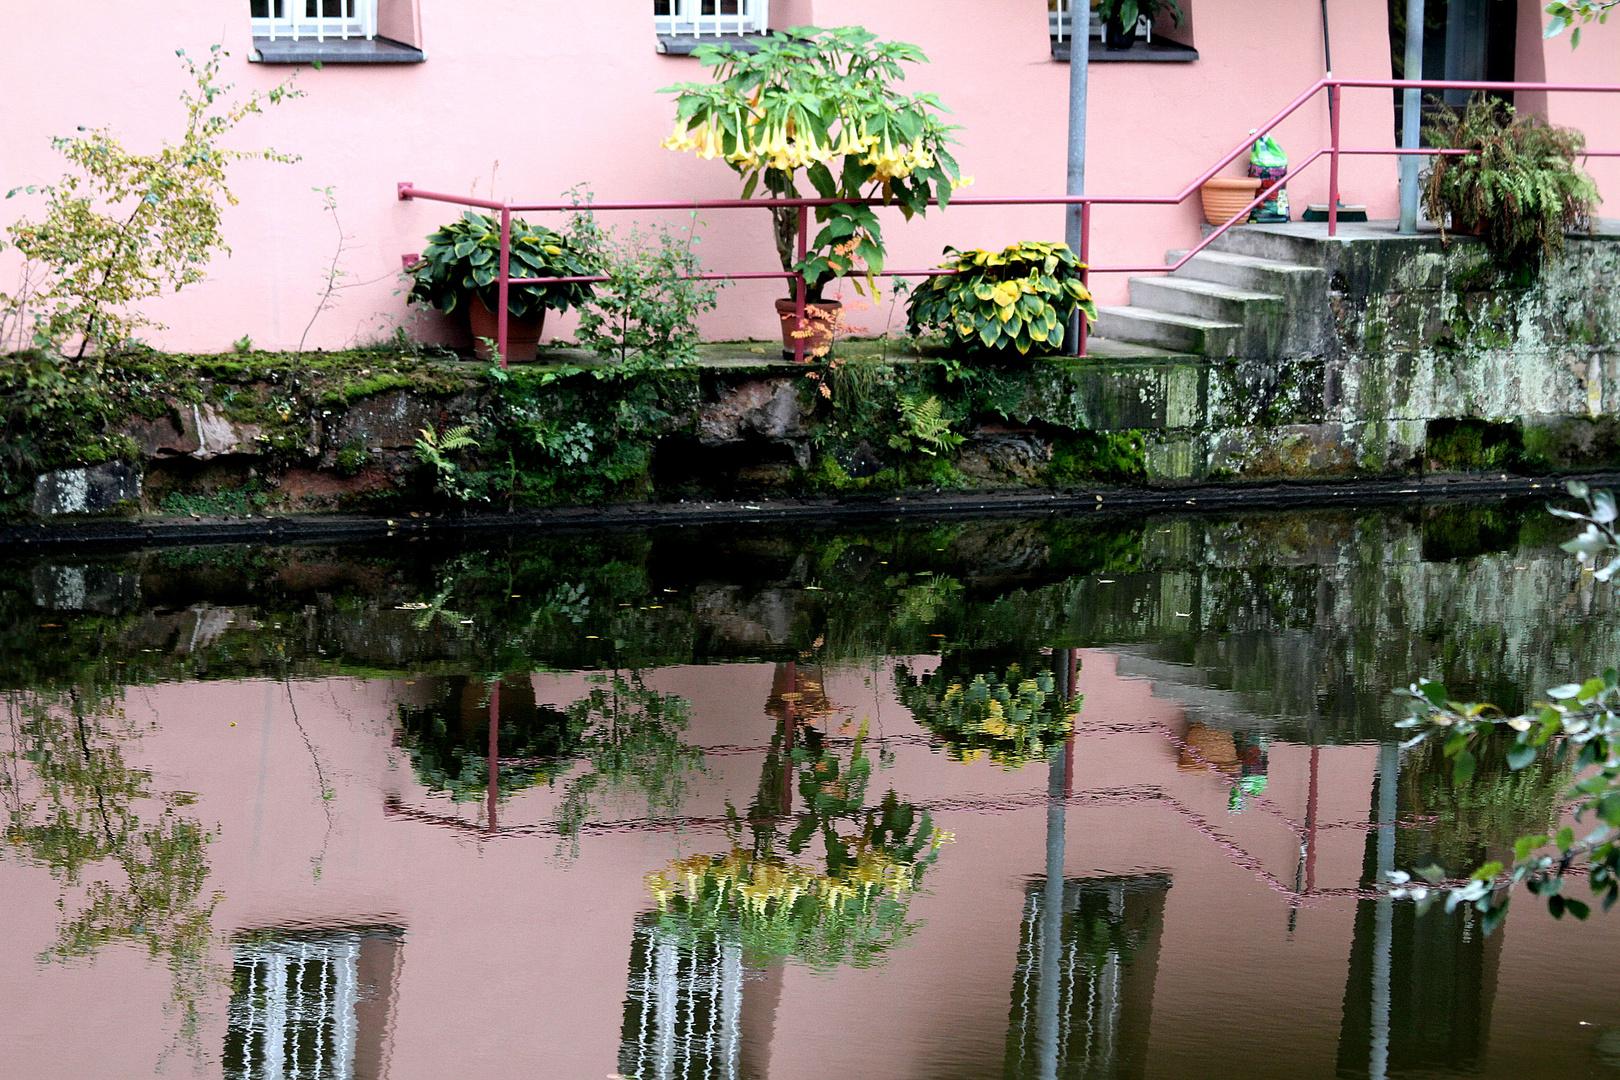 Garten ohne Wassermangel.................................